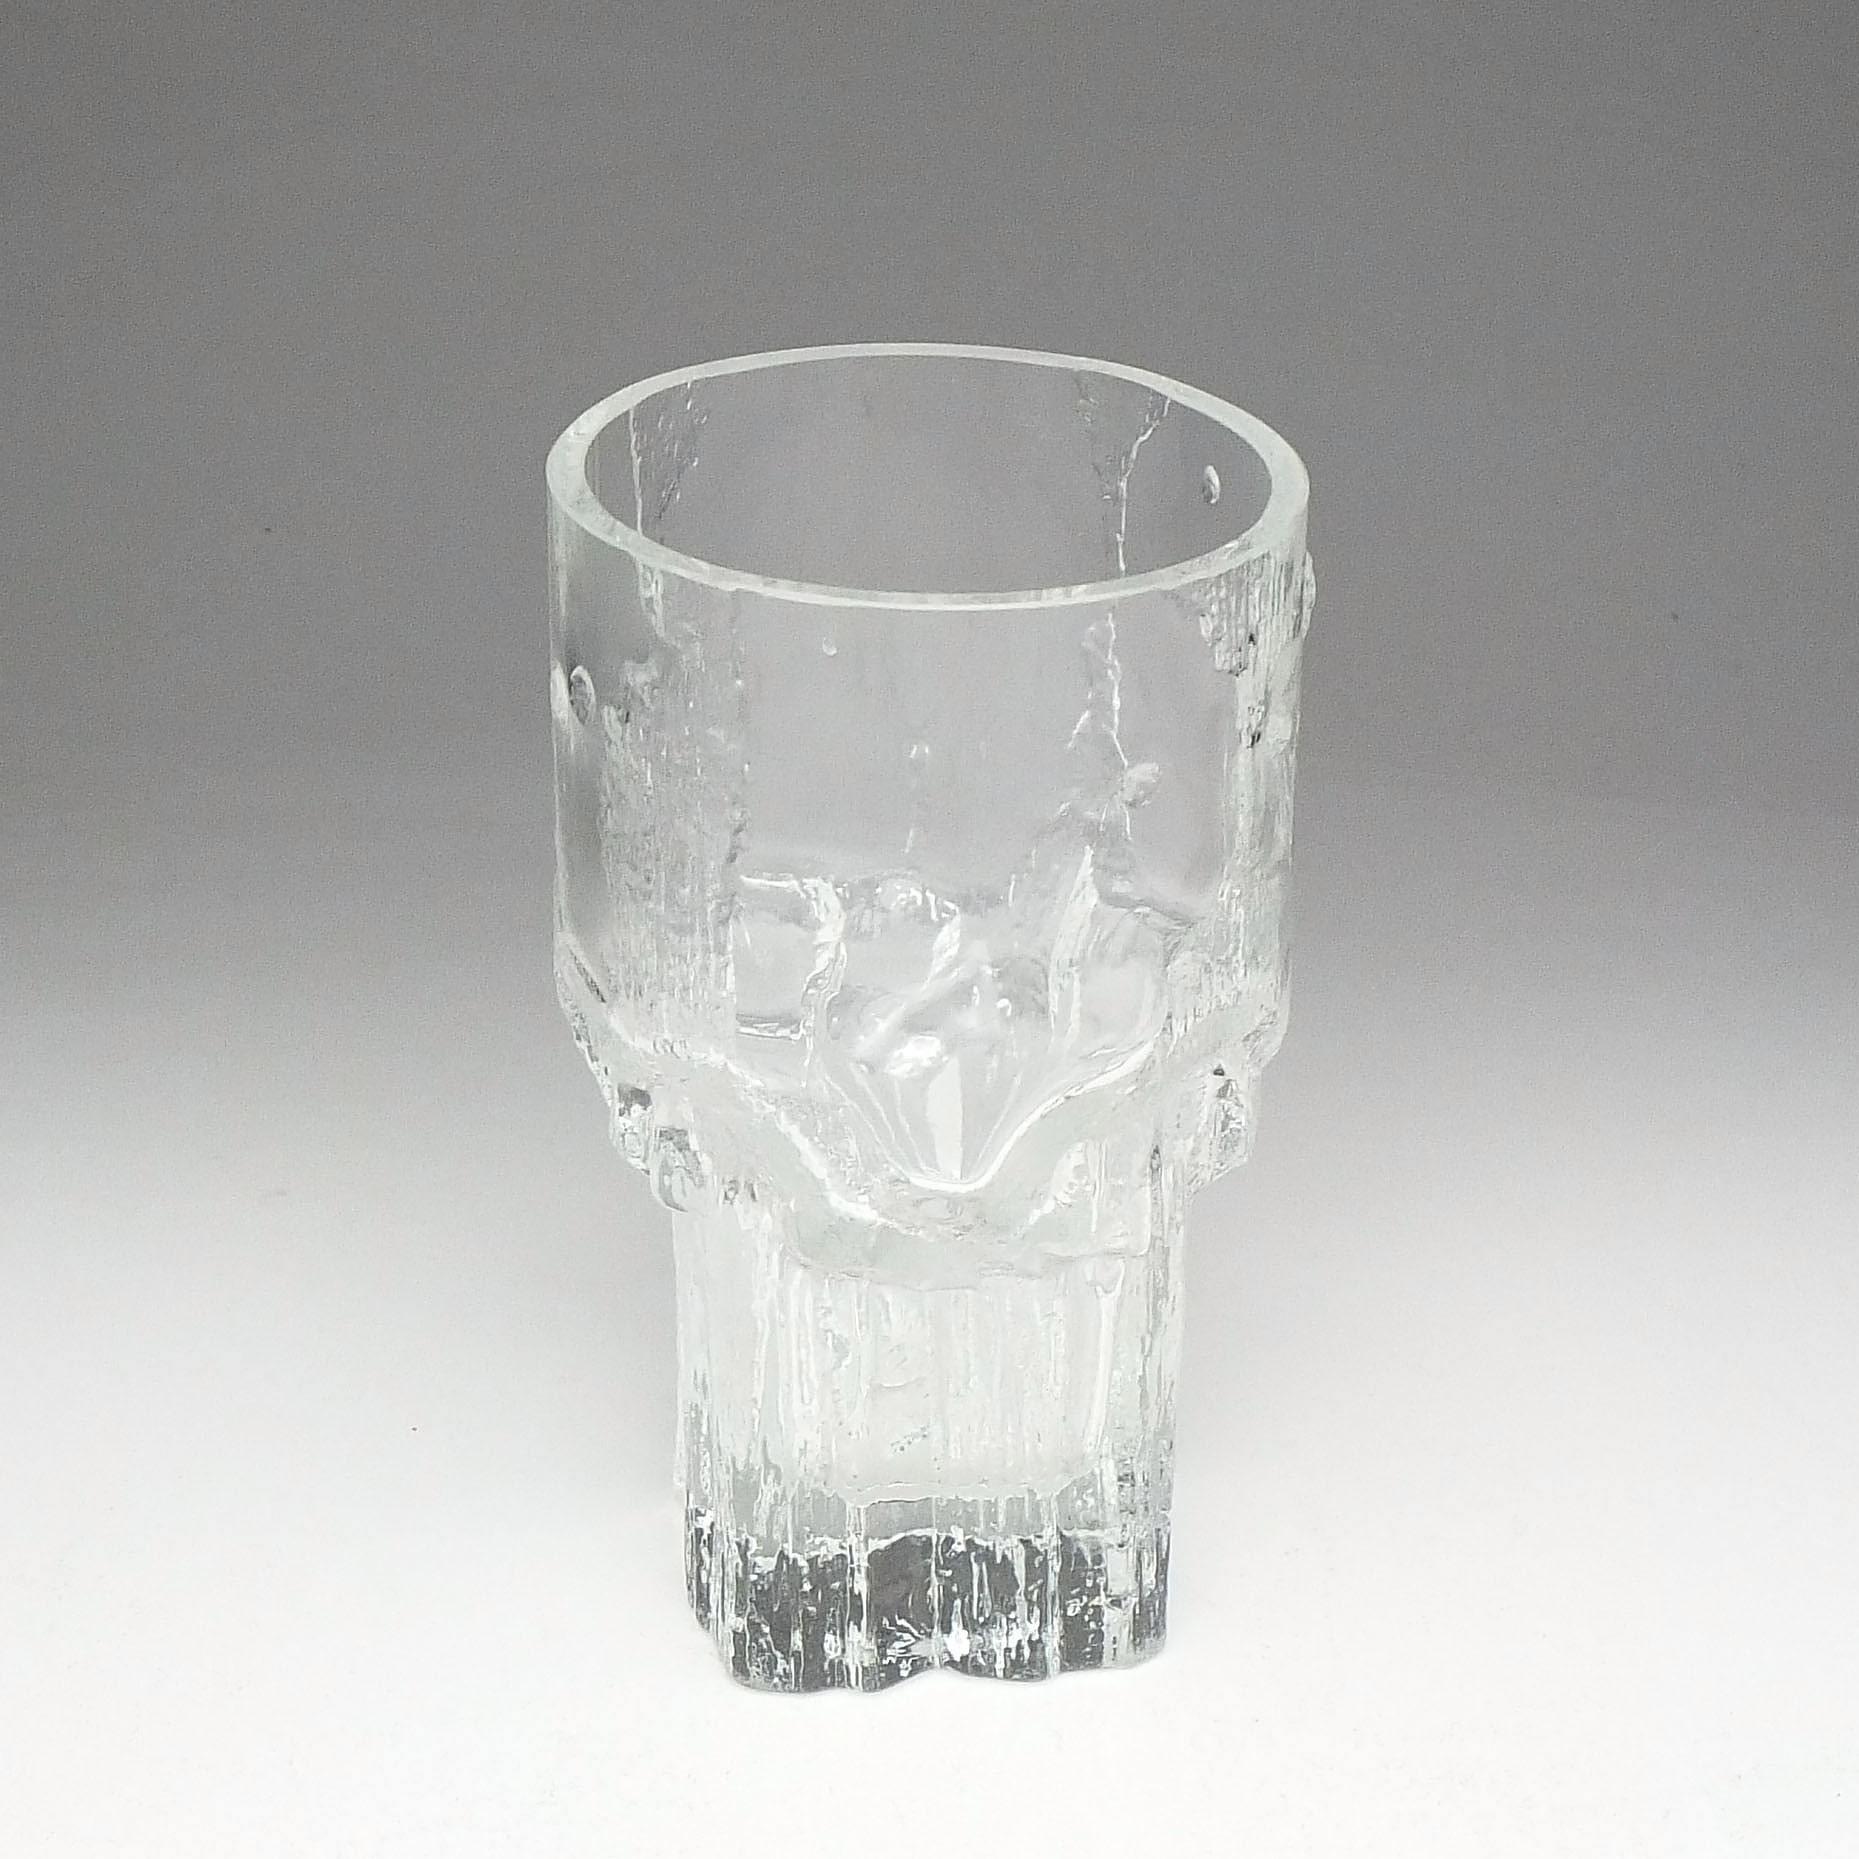 'Signed Finnish Iittala Minerva Glass Vase Designed by Tapio Wirkkala'